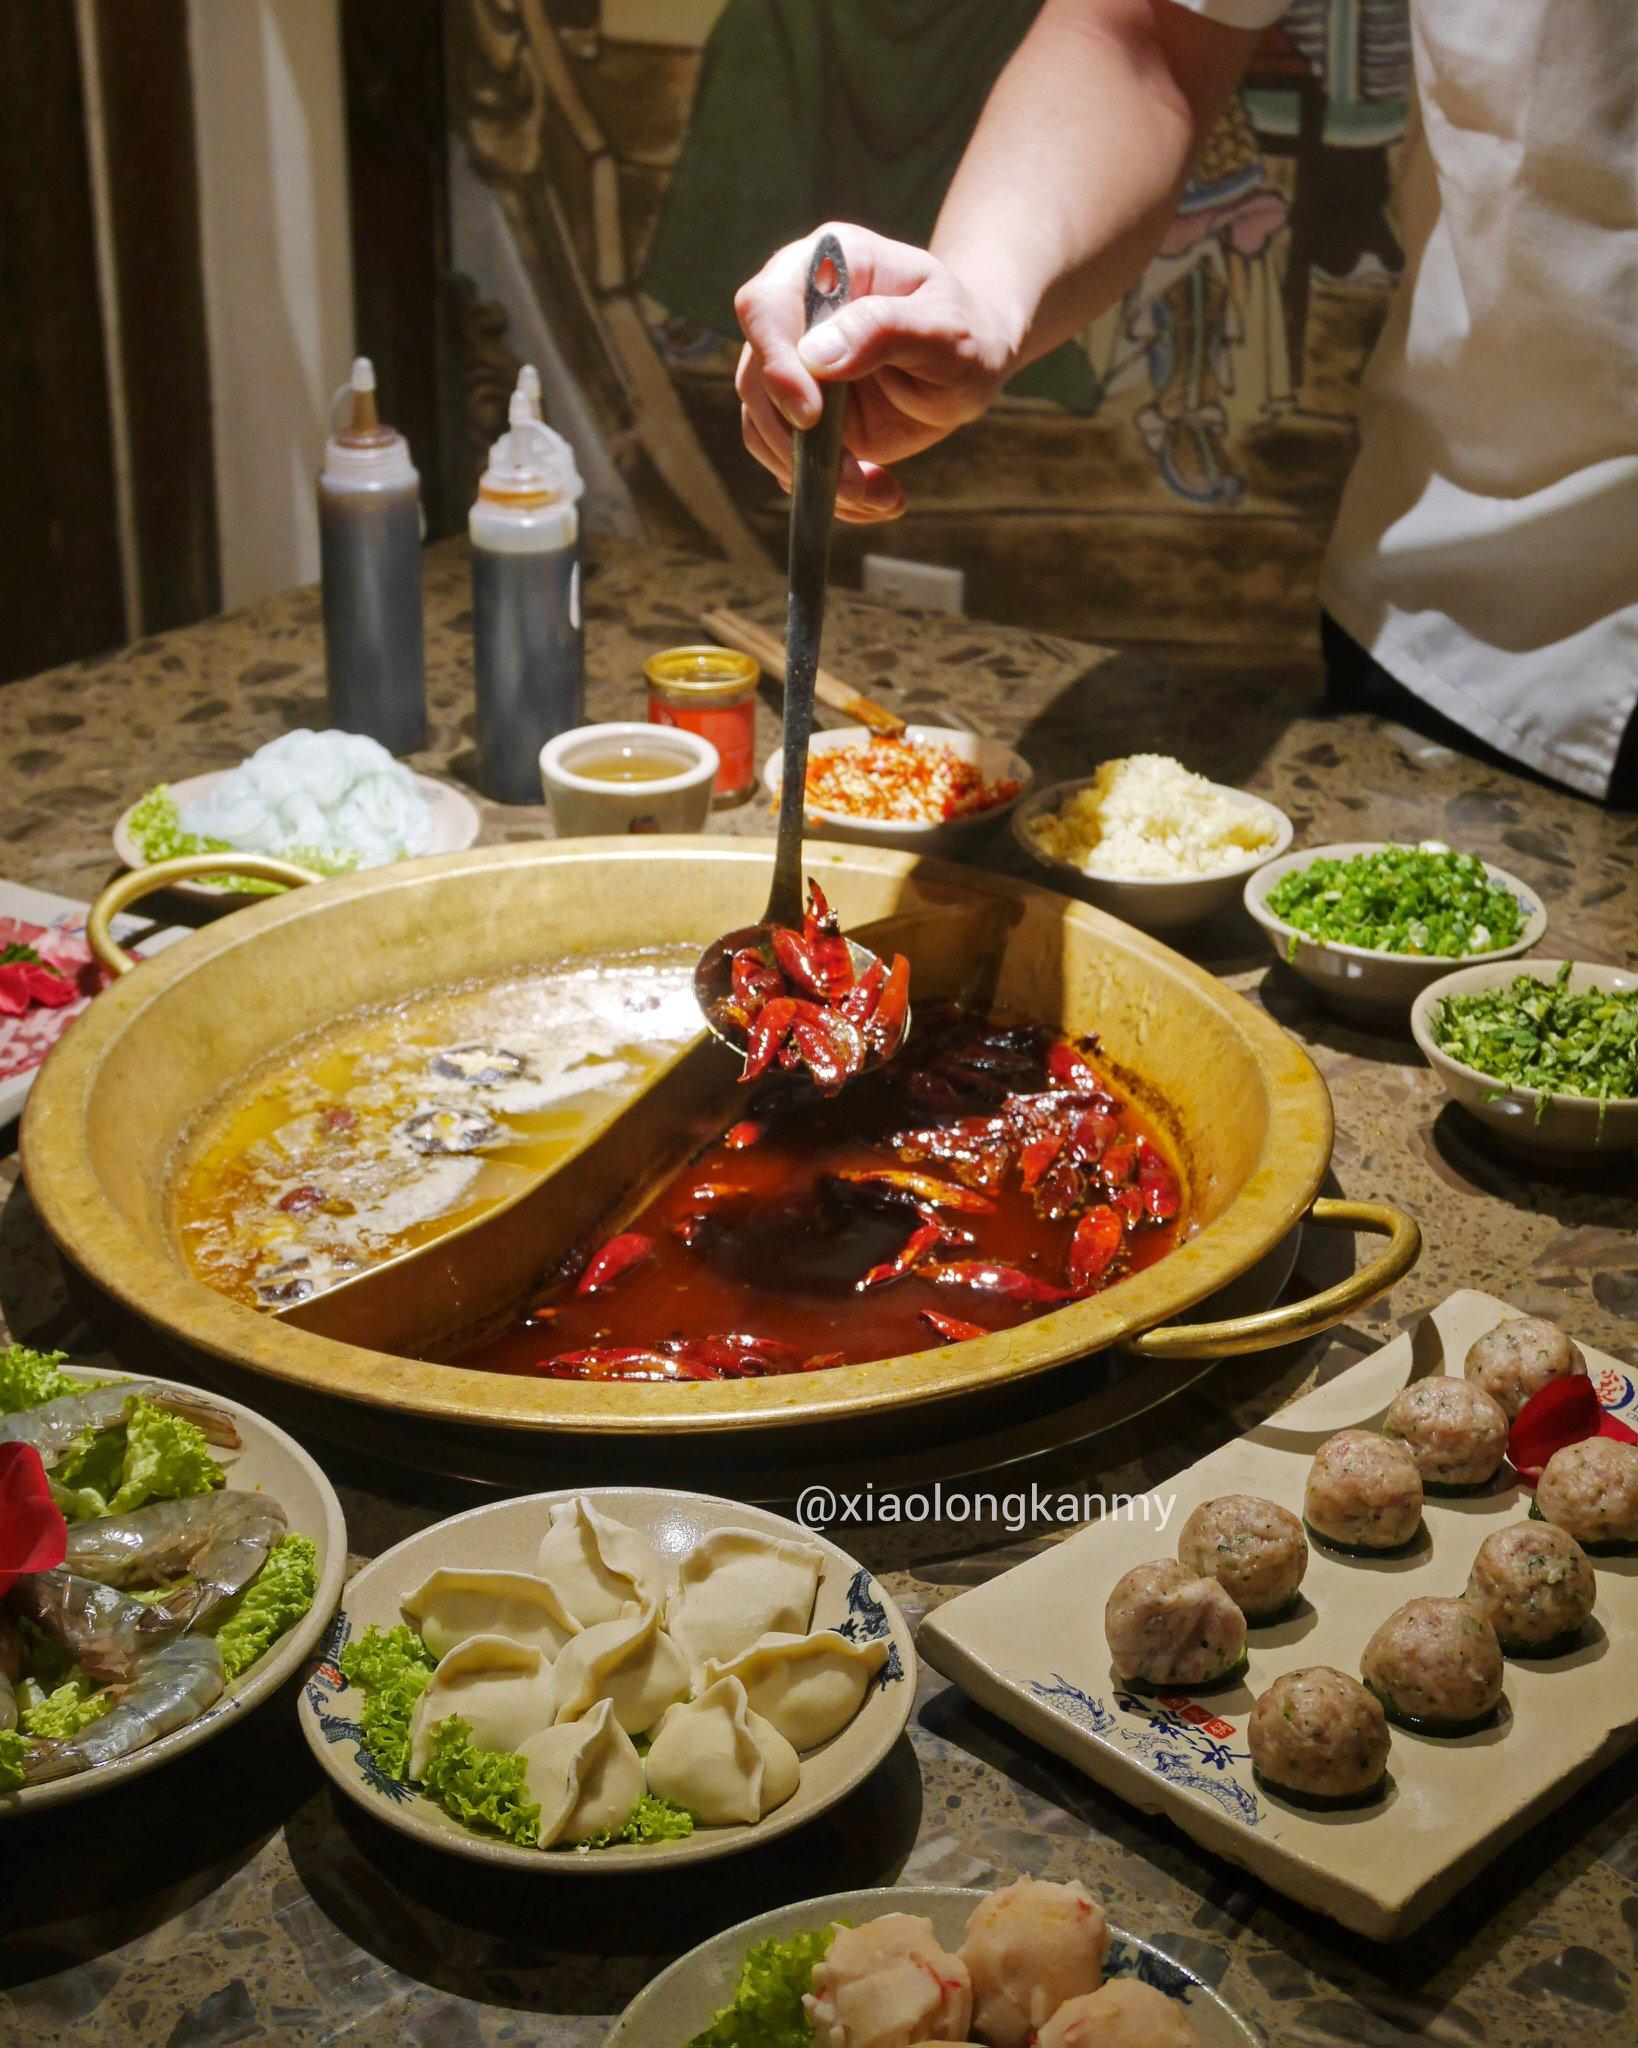 Xiao long kan hotpot in Johor